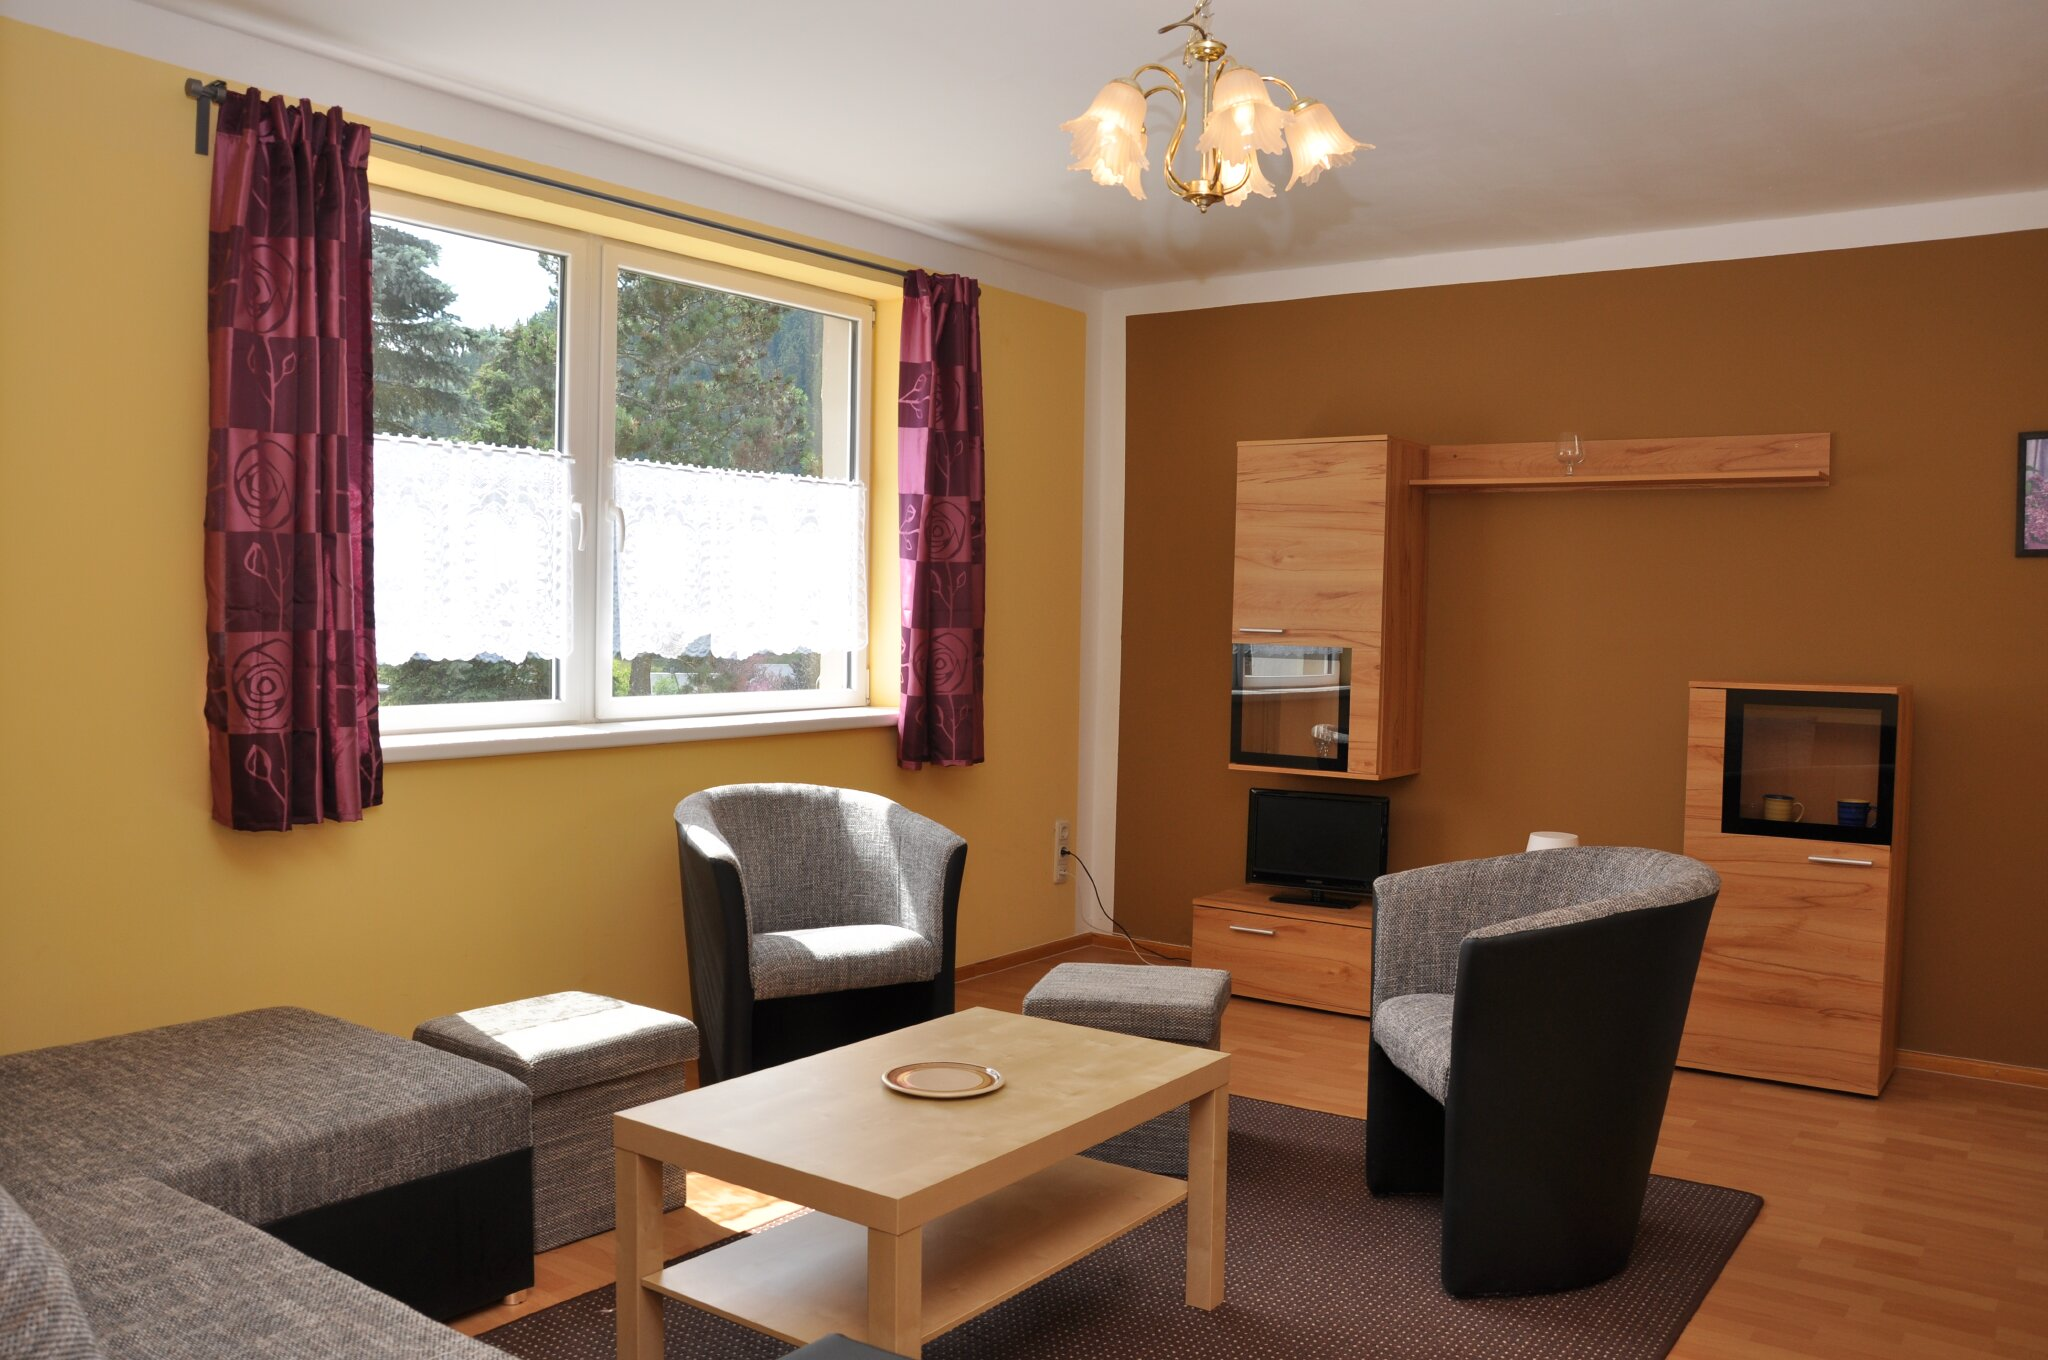 Blick in ein Ferienhaus (Wohnzimmer)